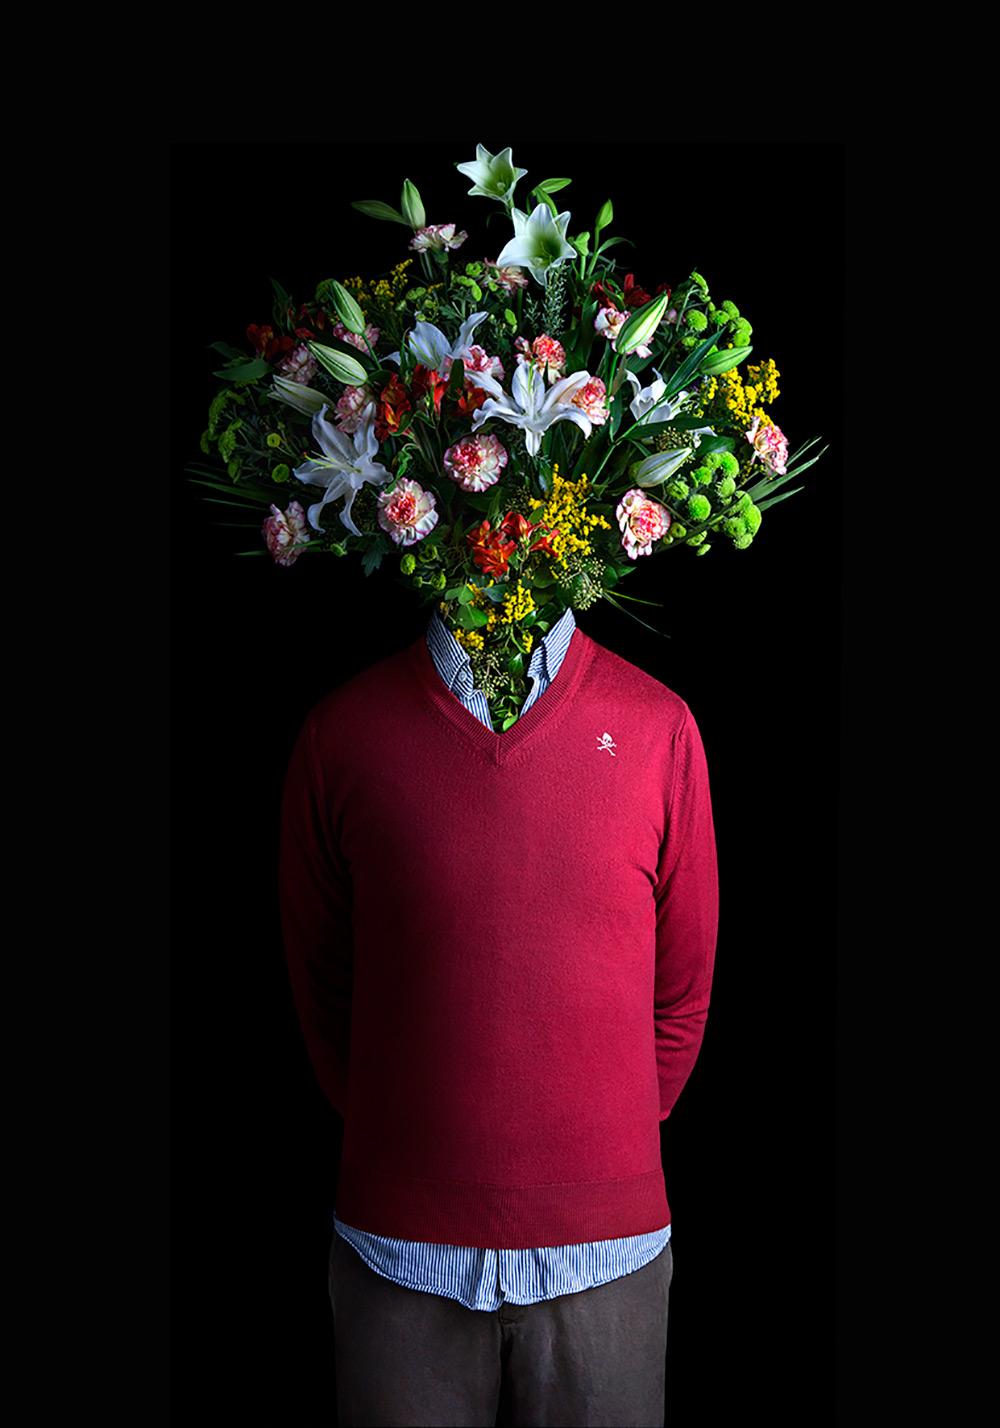 концептуальность фото с цветами различают